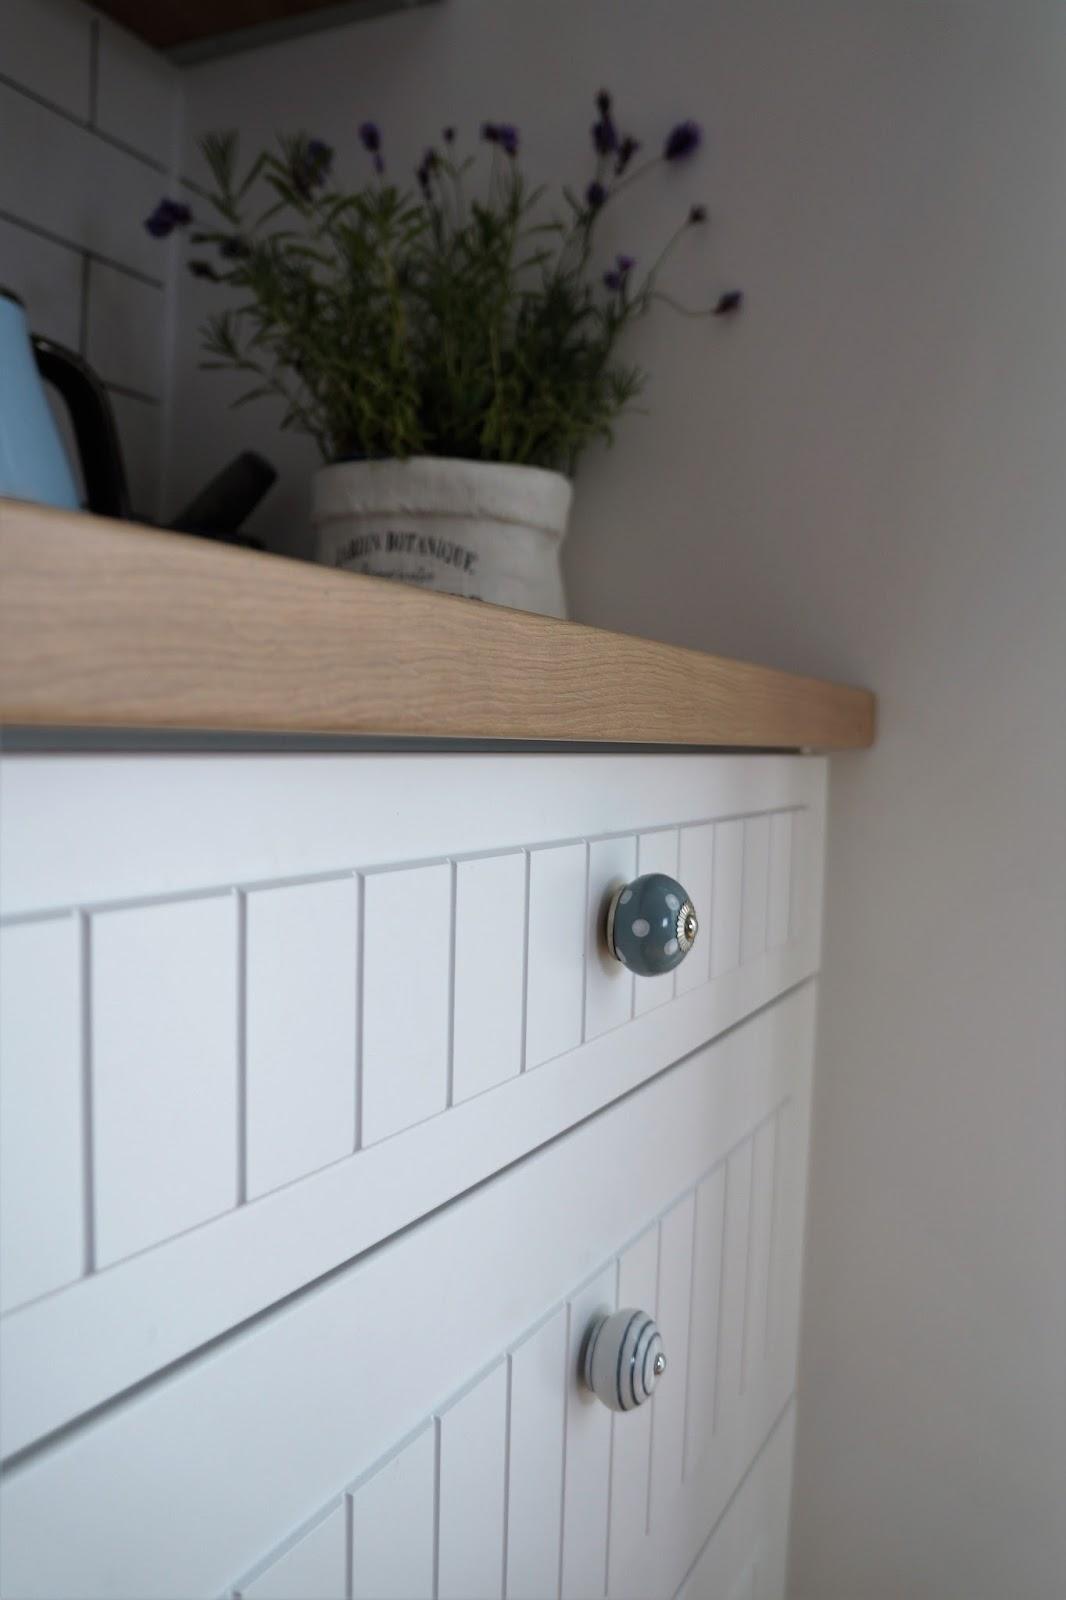 białe fronty w pasy, białe fronty w stylu skandynawskim, delonghi vintage błękit